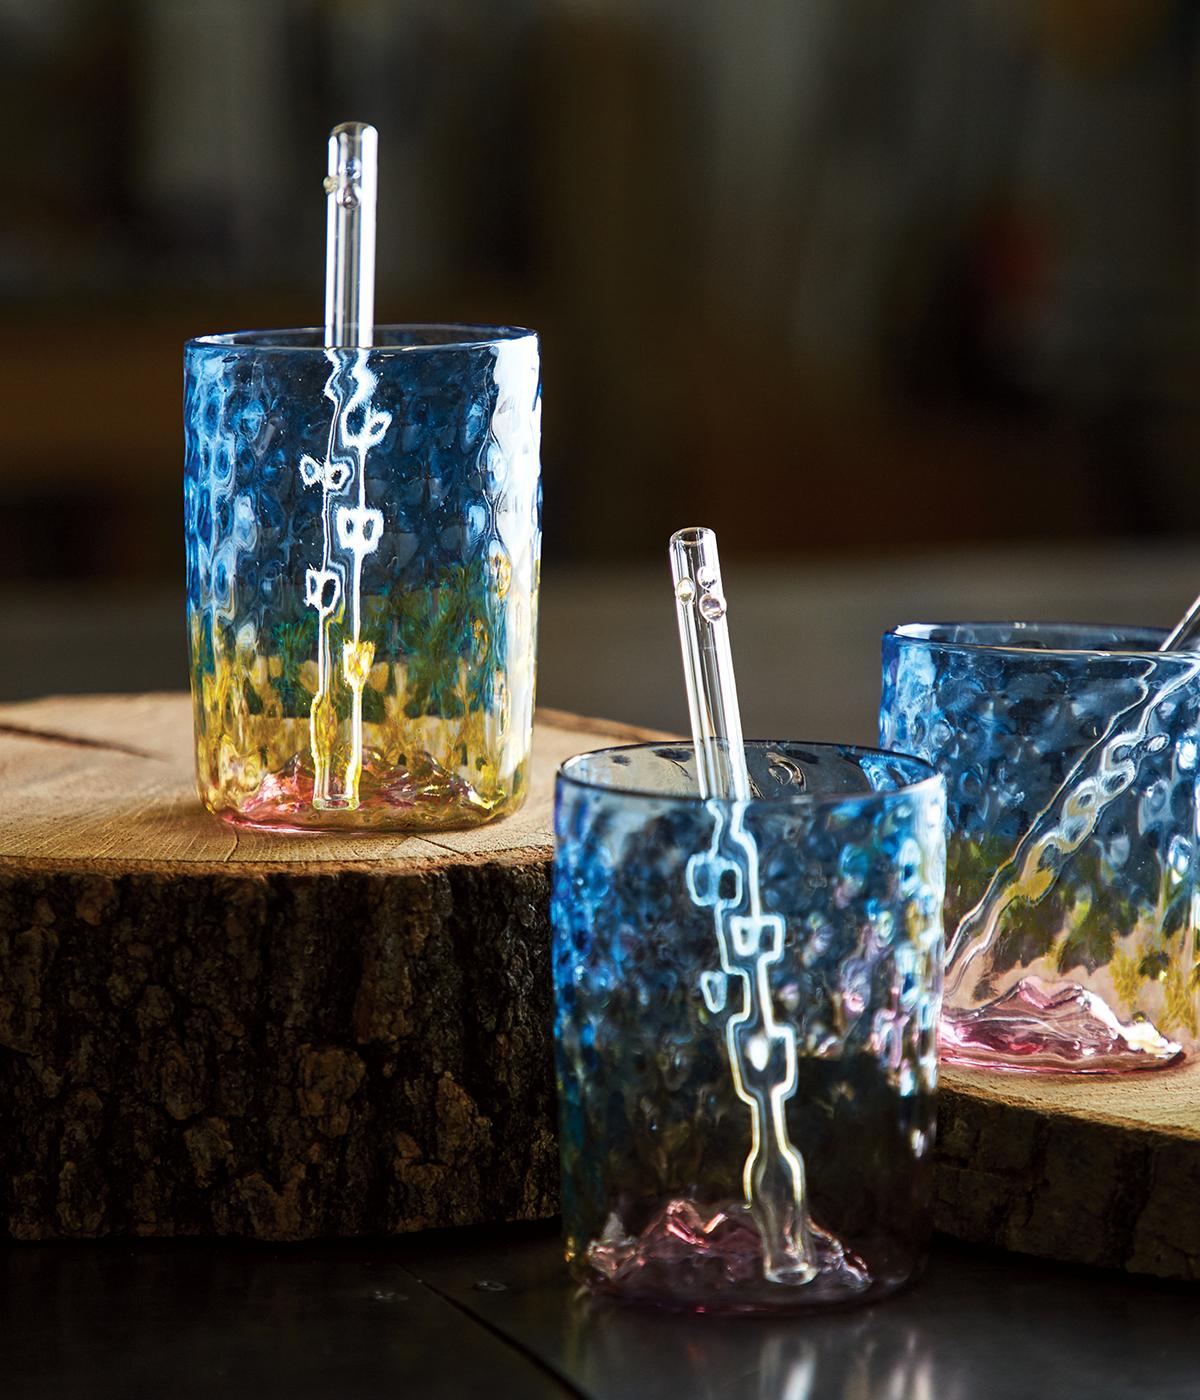 fiamma glass waltham 7